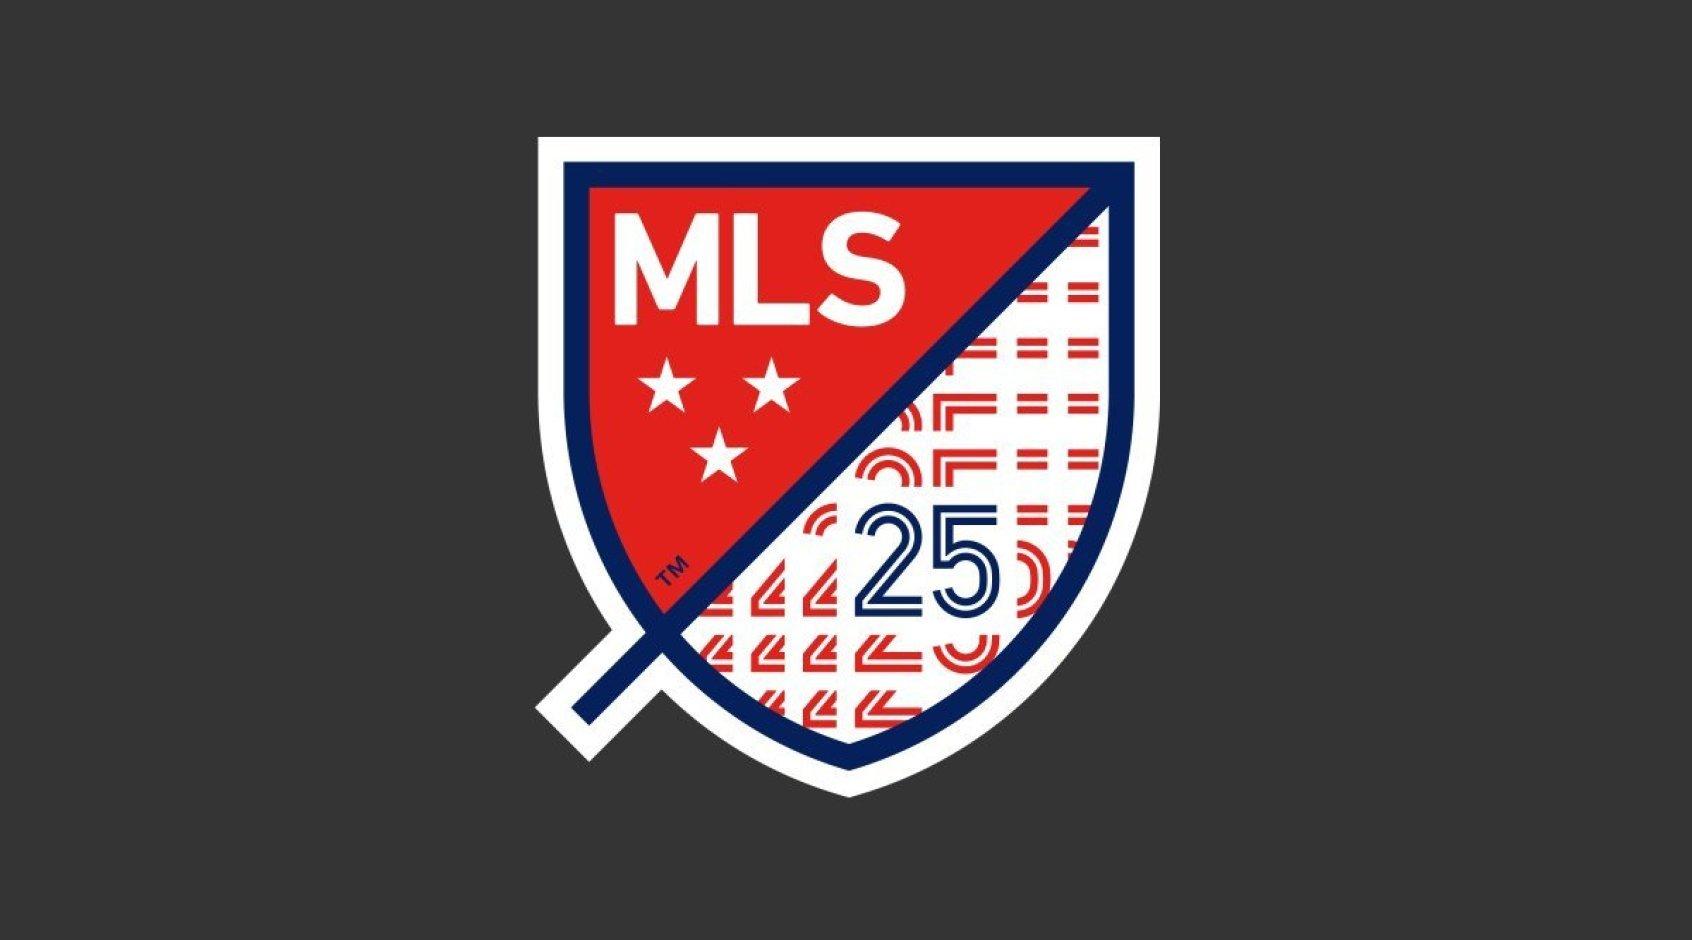 Клубы MLS презентовали новые формы, посвященные юбилейному сезону (Фото)